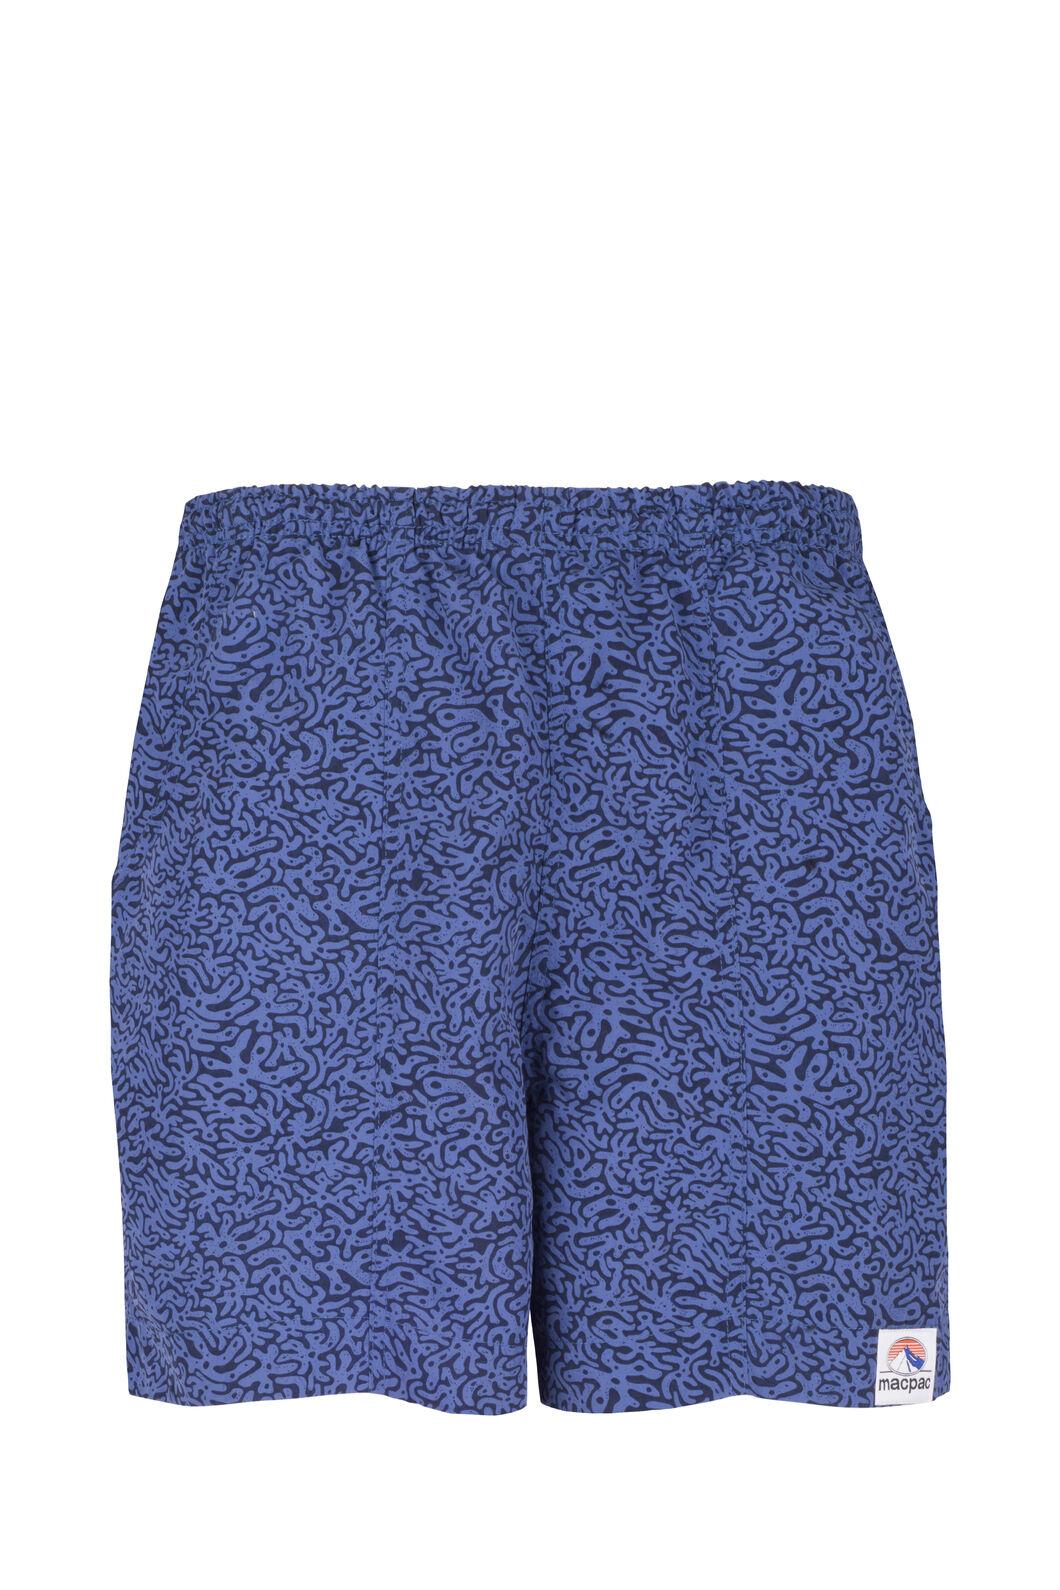 Macpac Winger Shorts - Men's, Mood Indigo Print, hi-res